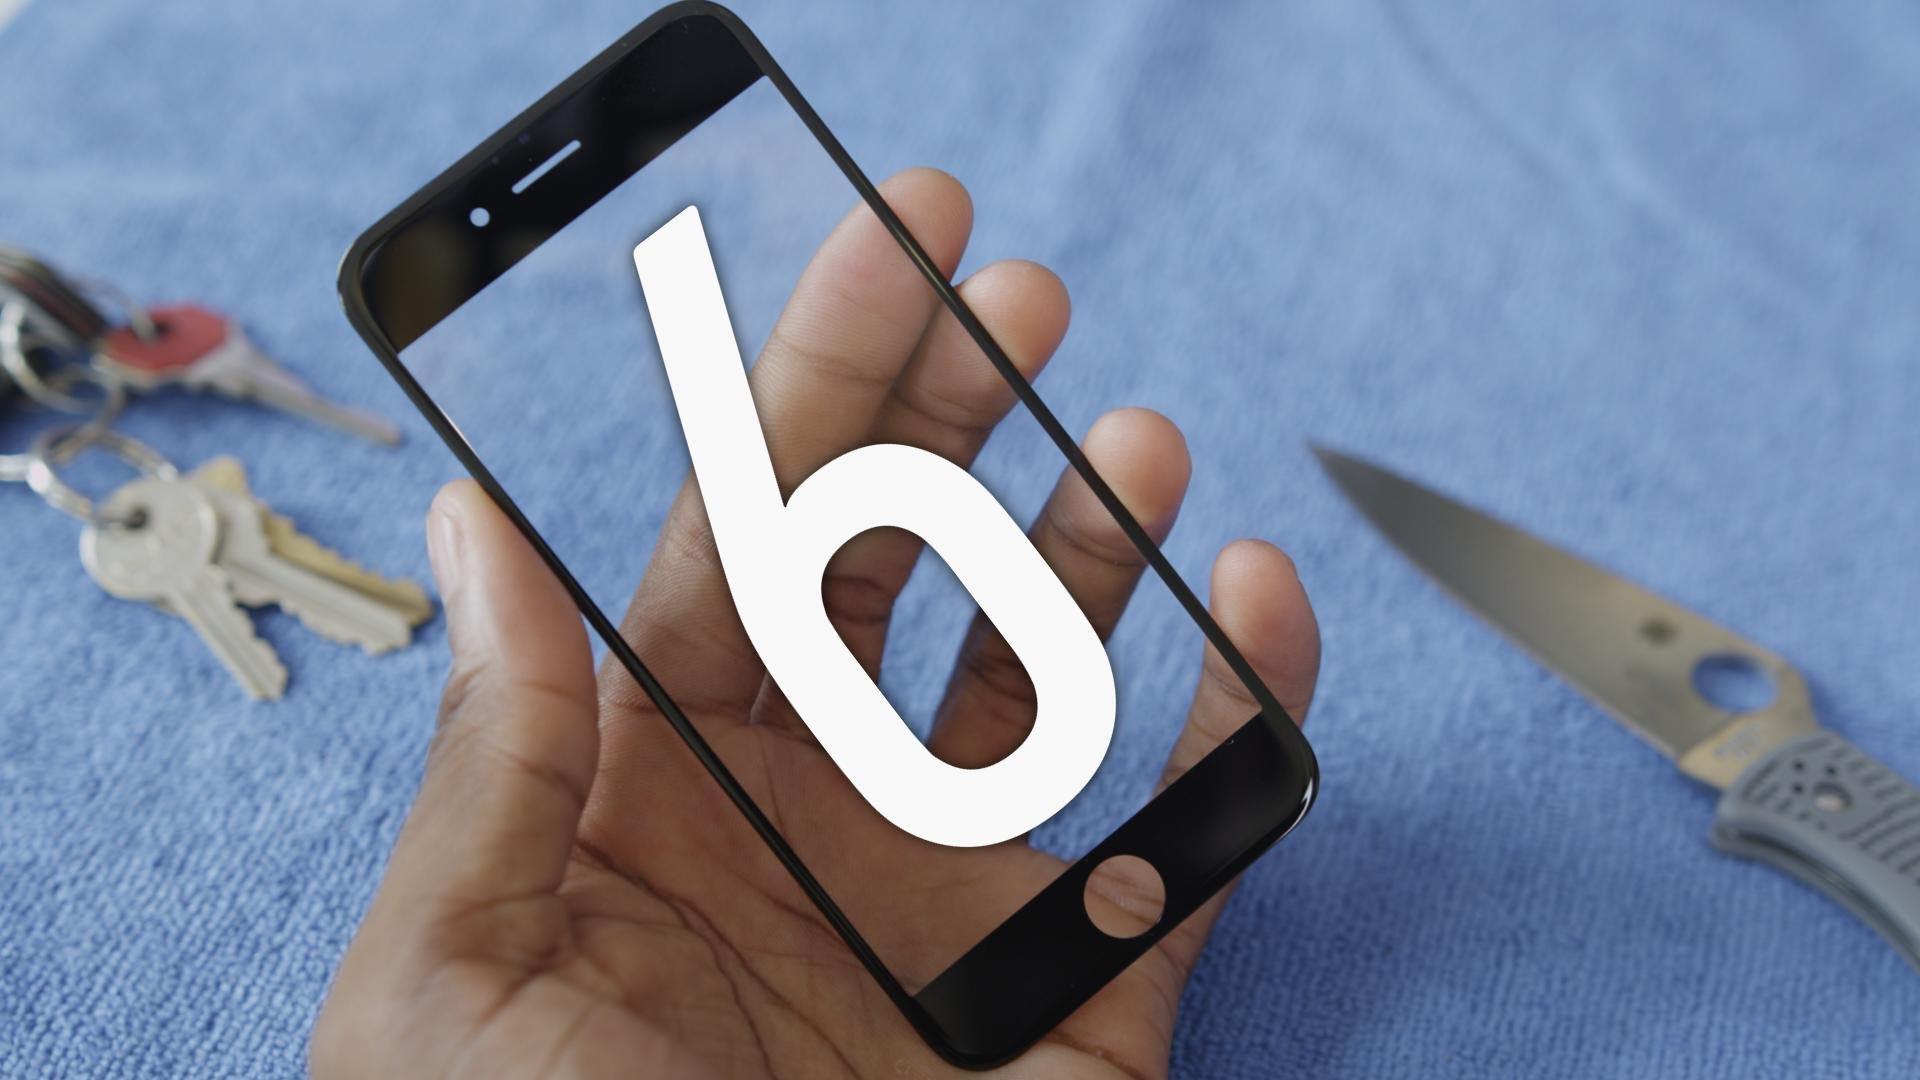 Suýt nữa chúng ta đã được dùng iPhone có màn hình sapphire không-thể-xước, nhưng... - Ảnh 1.